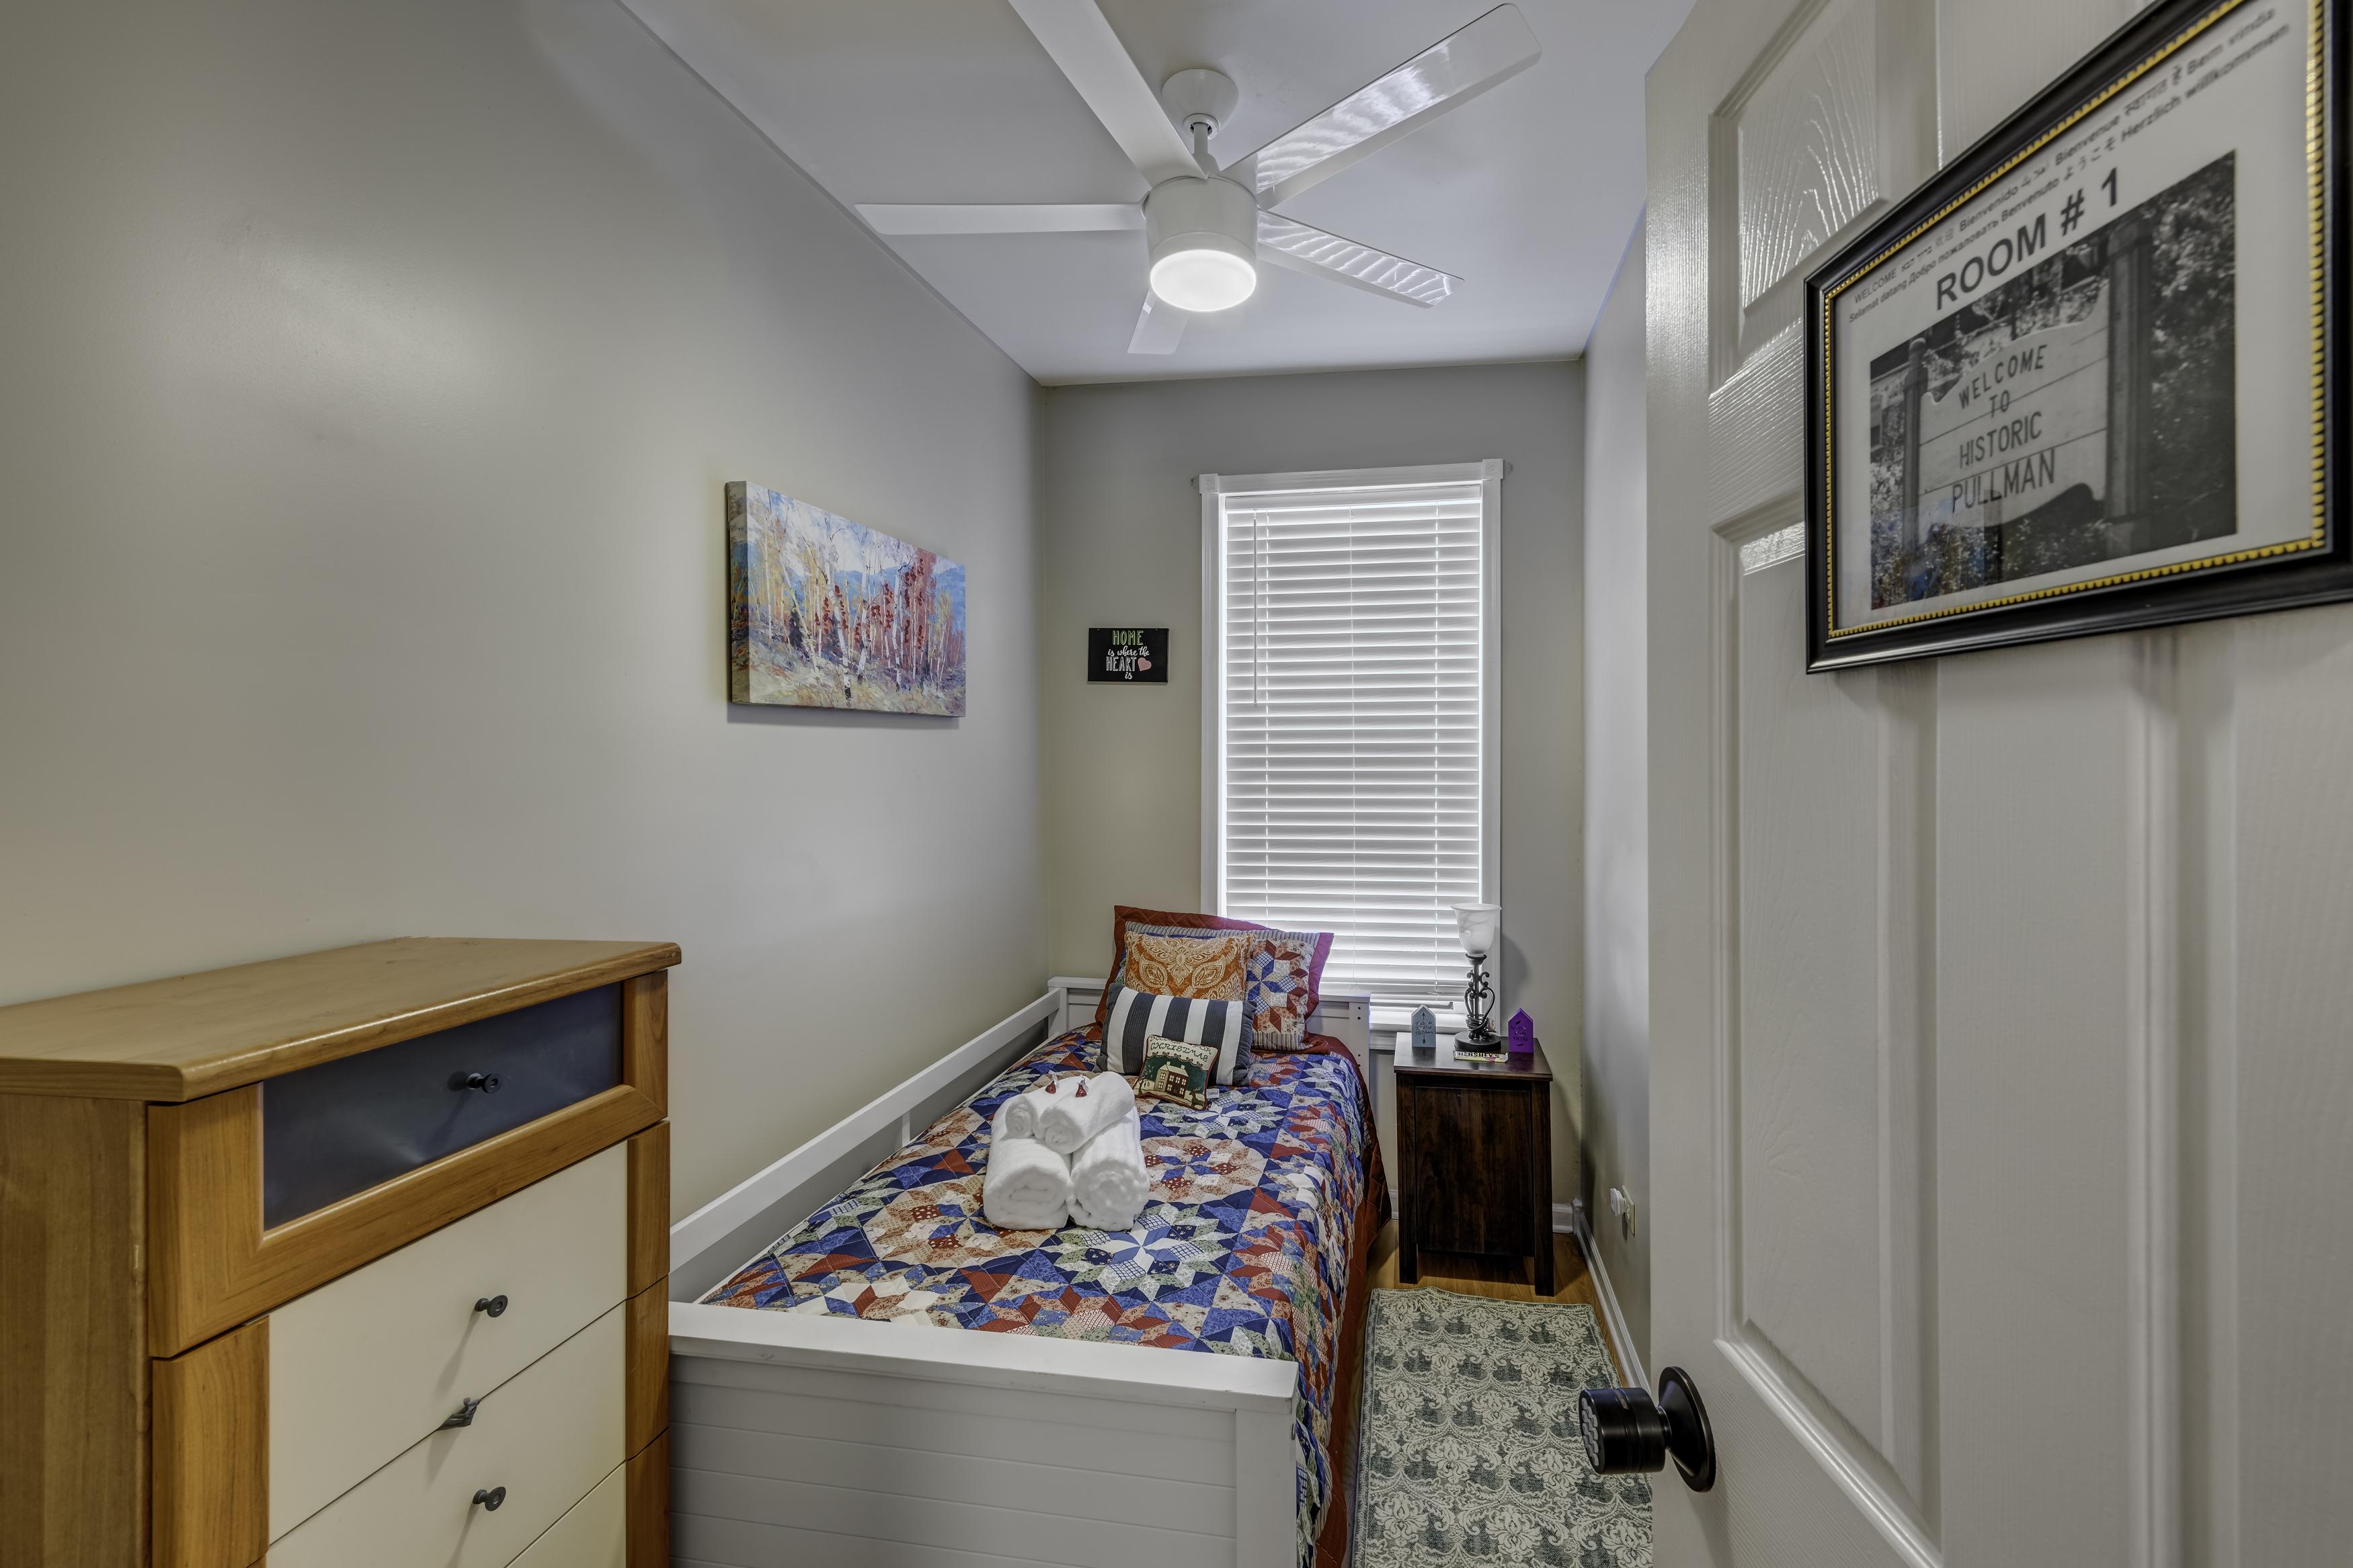 11307-S-Langley-Apt-1-Bedroom-2